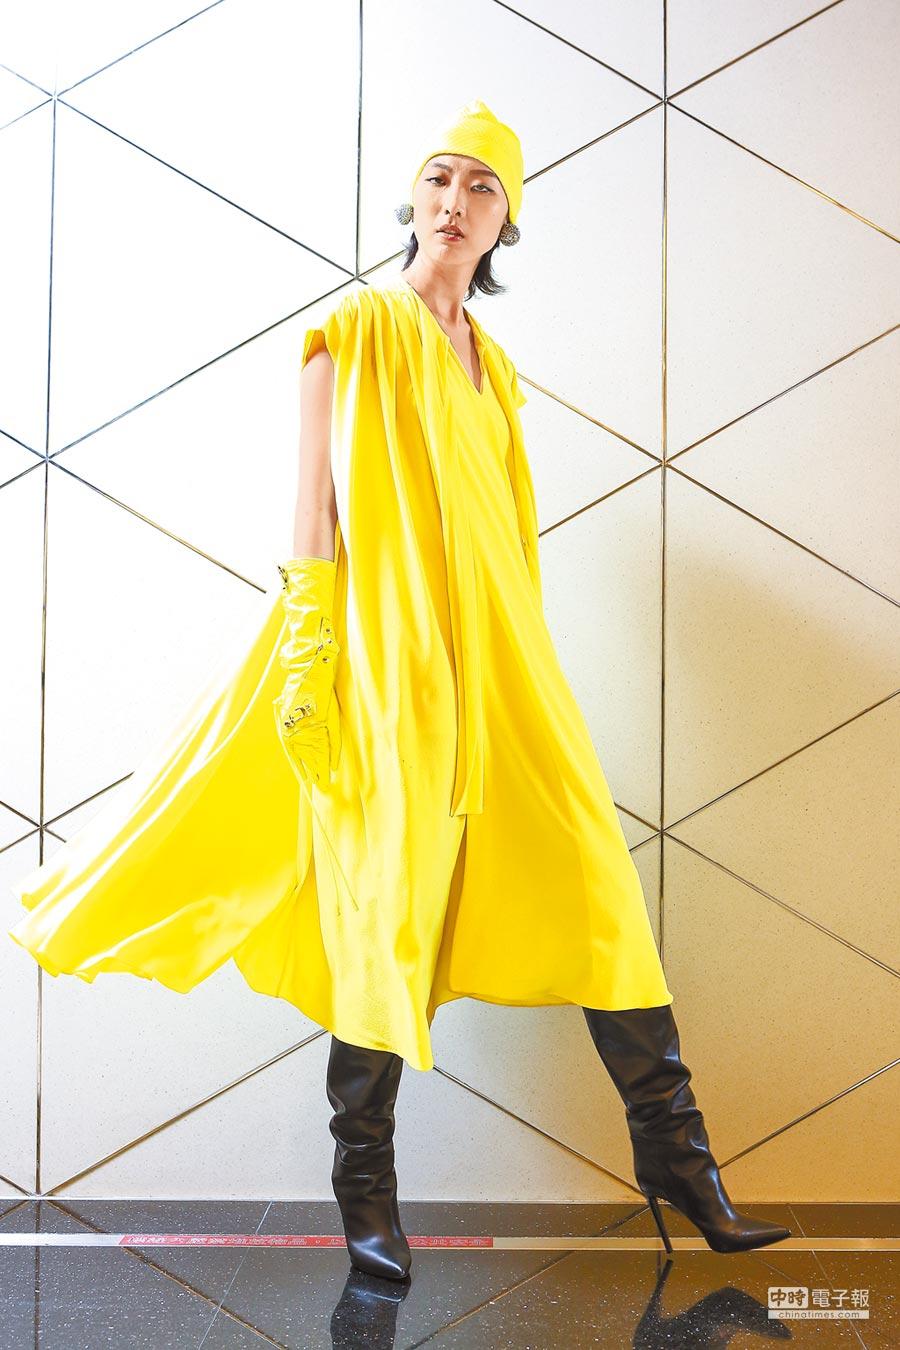 大量的螢光色系,讓BALENCIAGA在務實中充滿未來感,亮黃傘狀洋裝7萬7300元、黃色針織帽7100元、長靴5萬7900元。(鄧博仁攝)